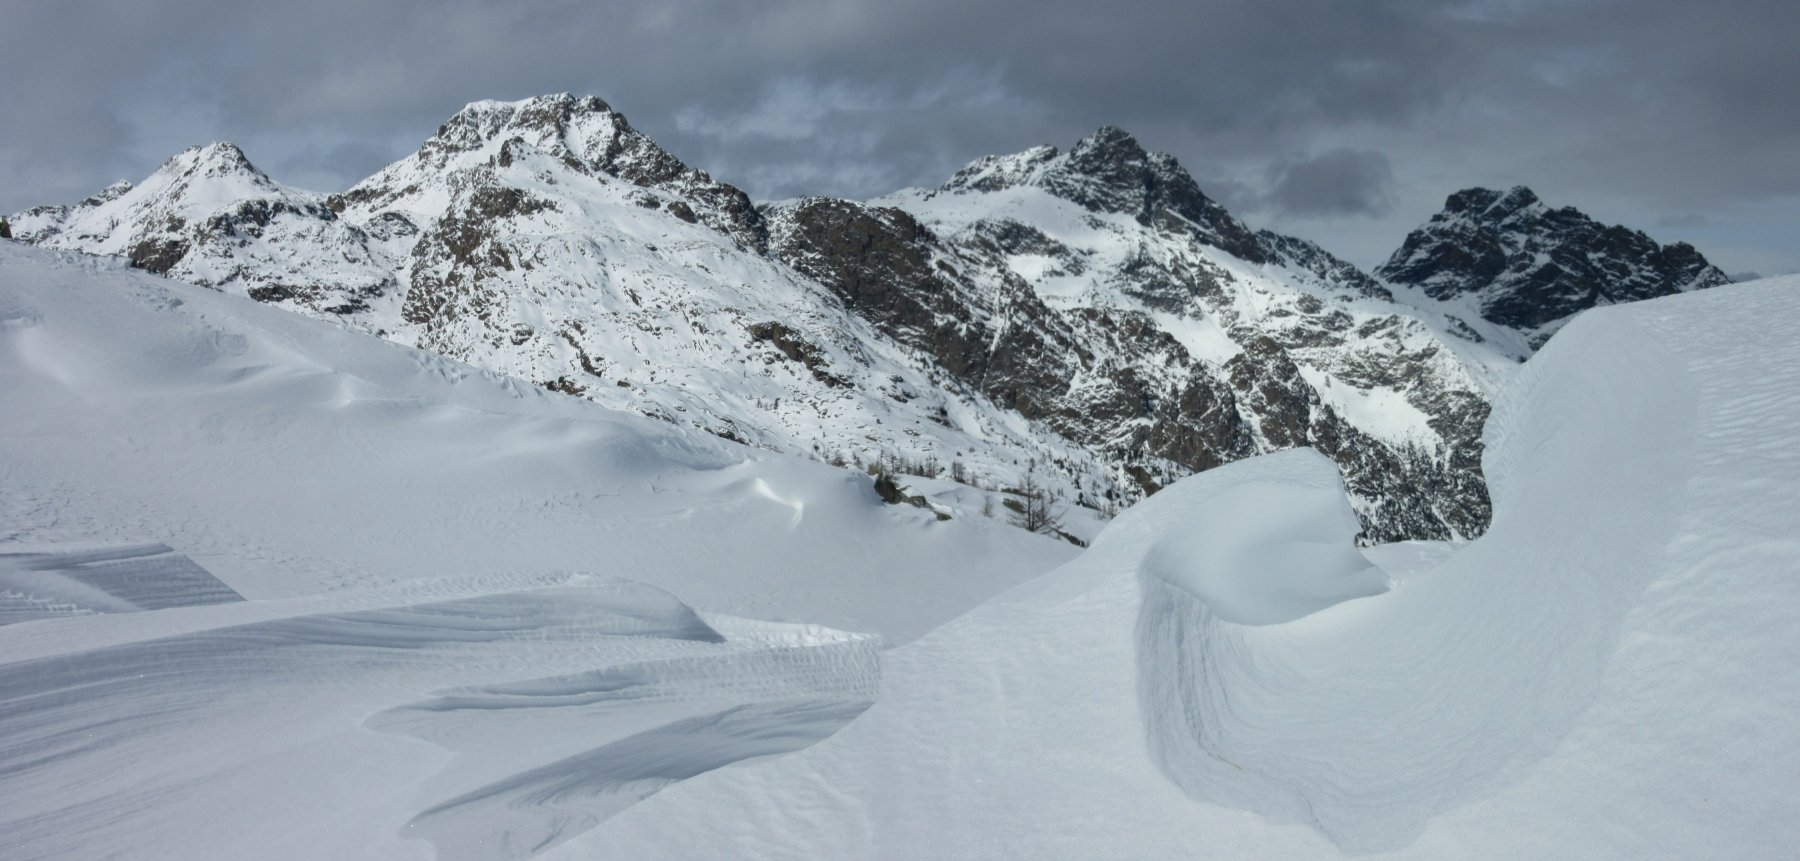 Neve ventata al Colle